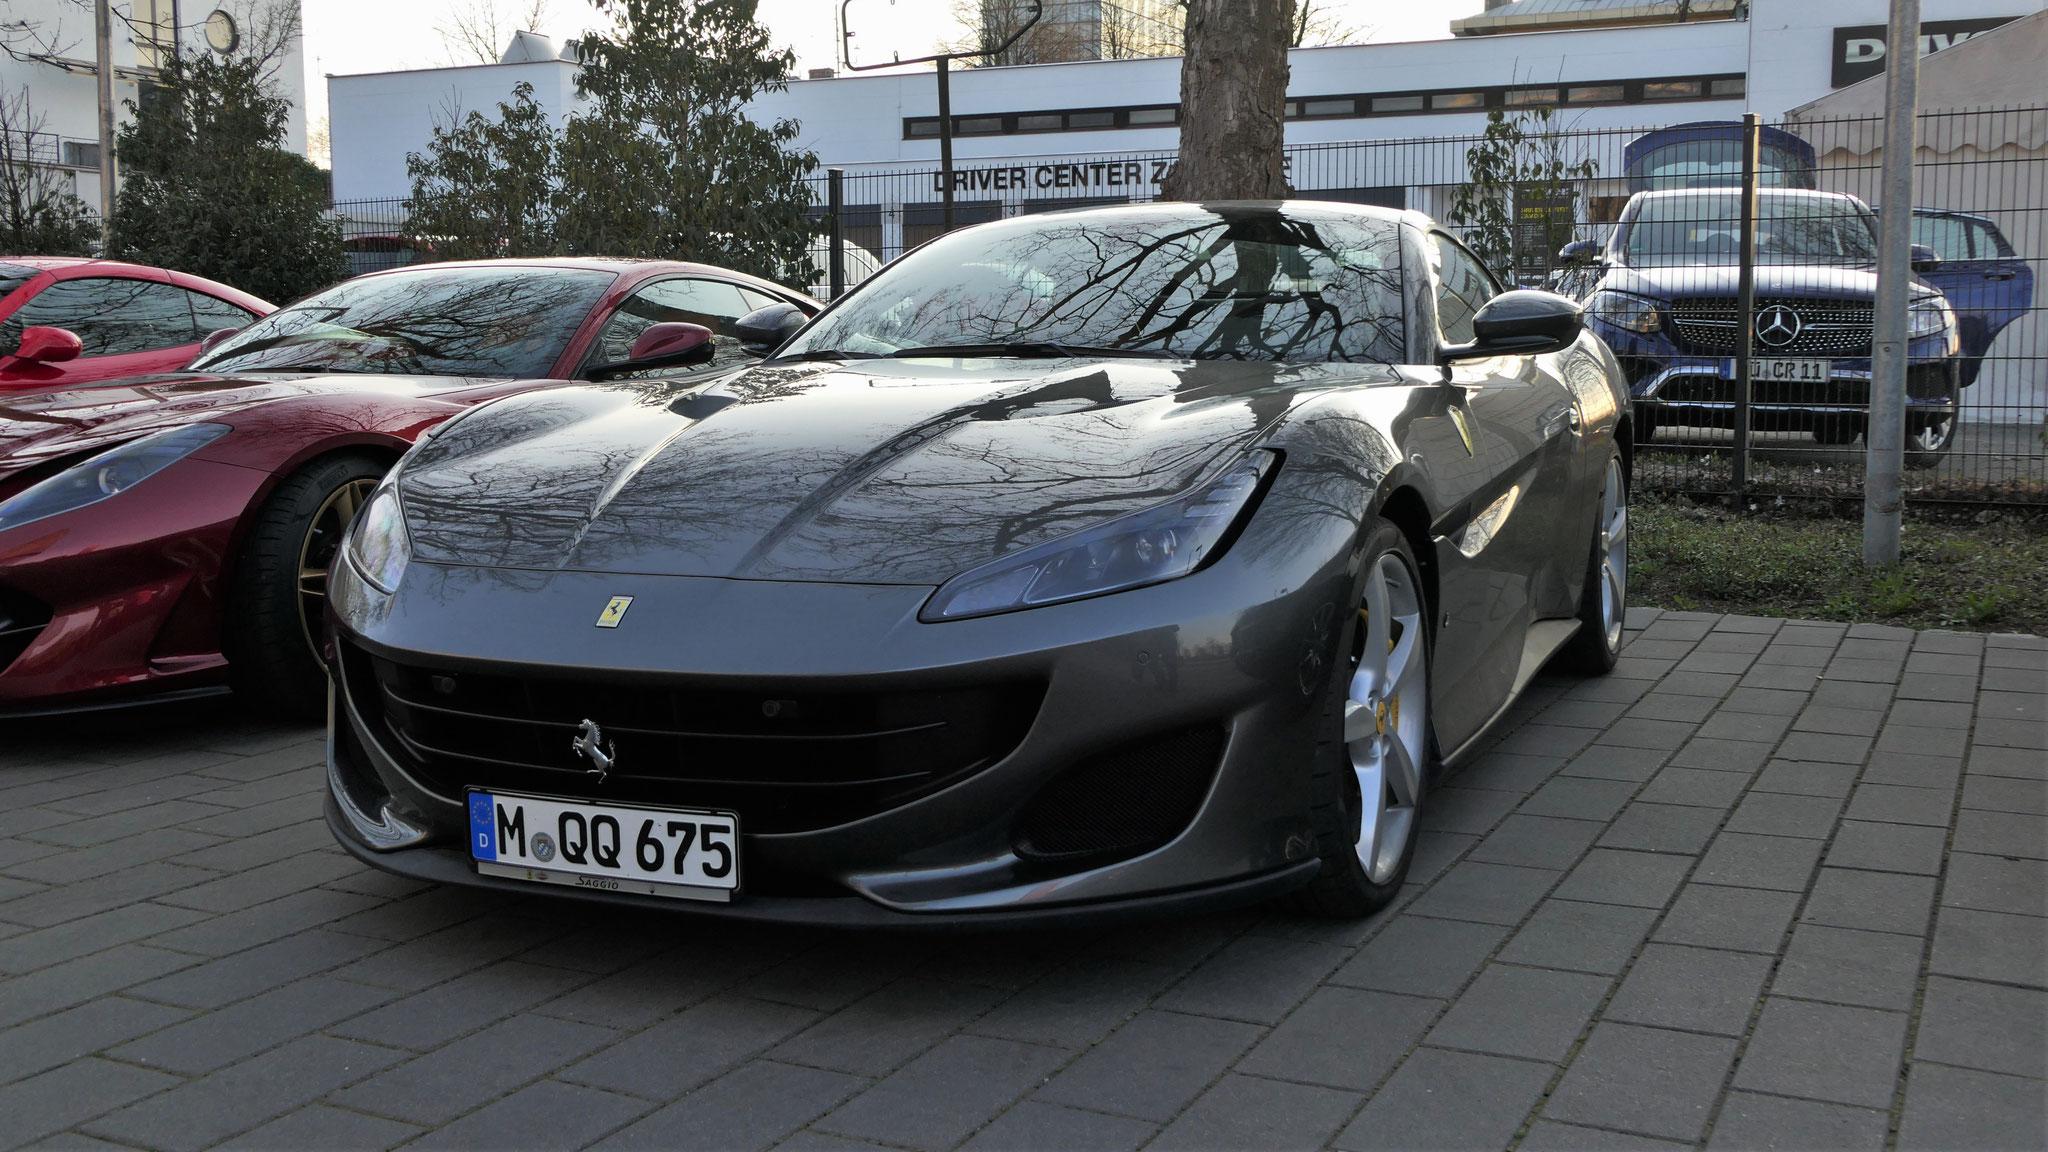 Ferrari Portofino - M-QQ-675